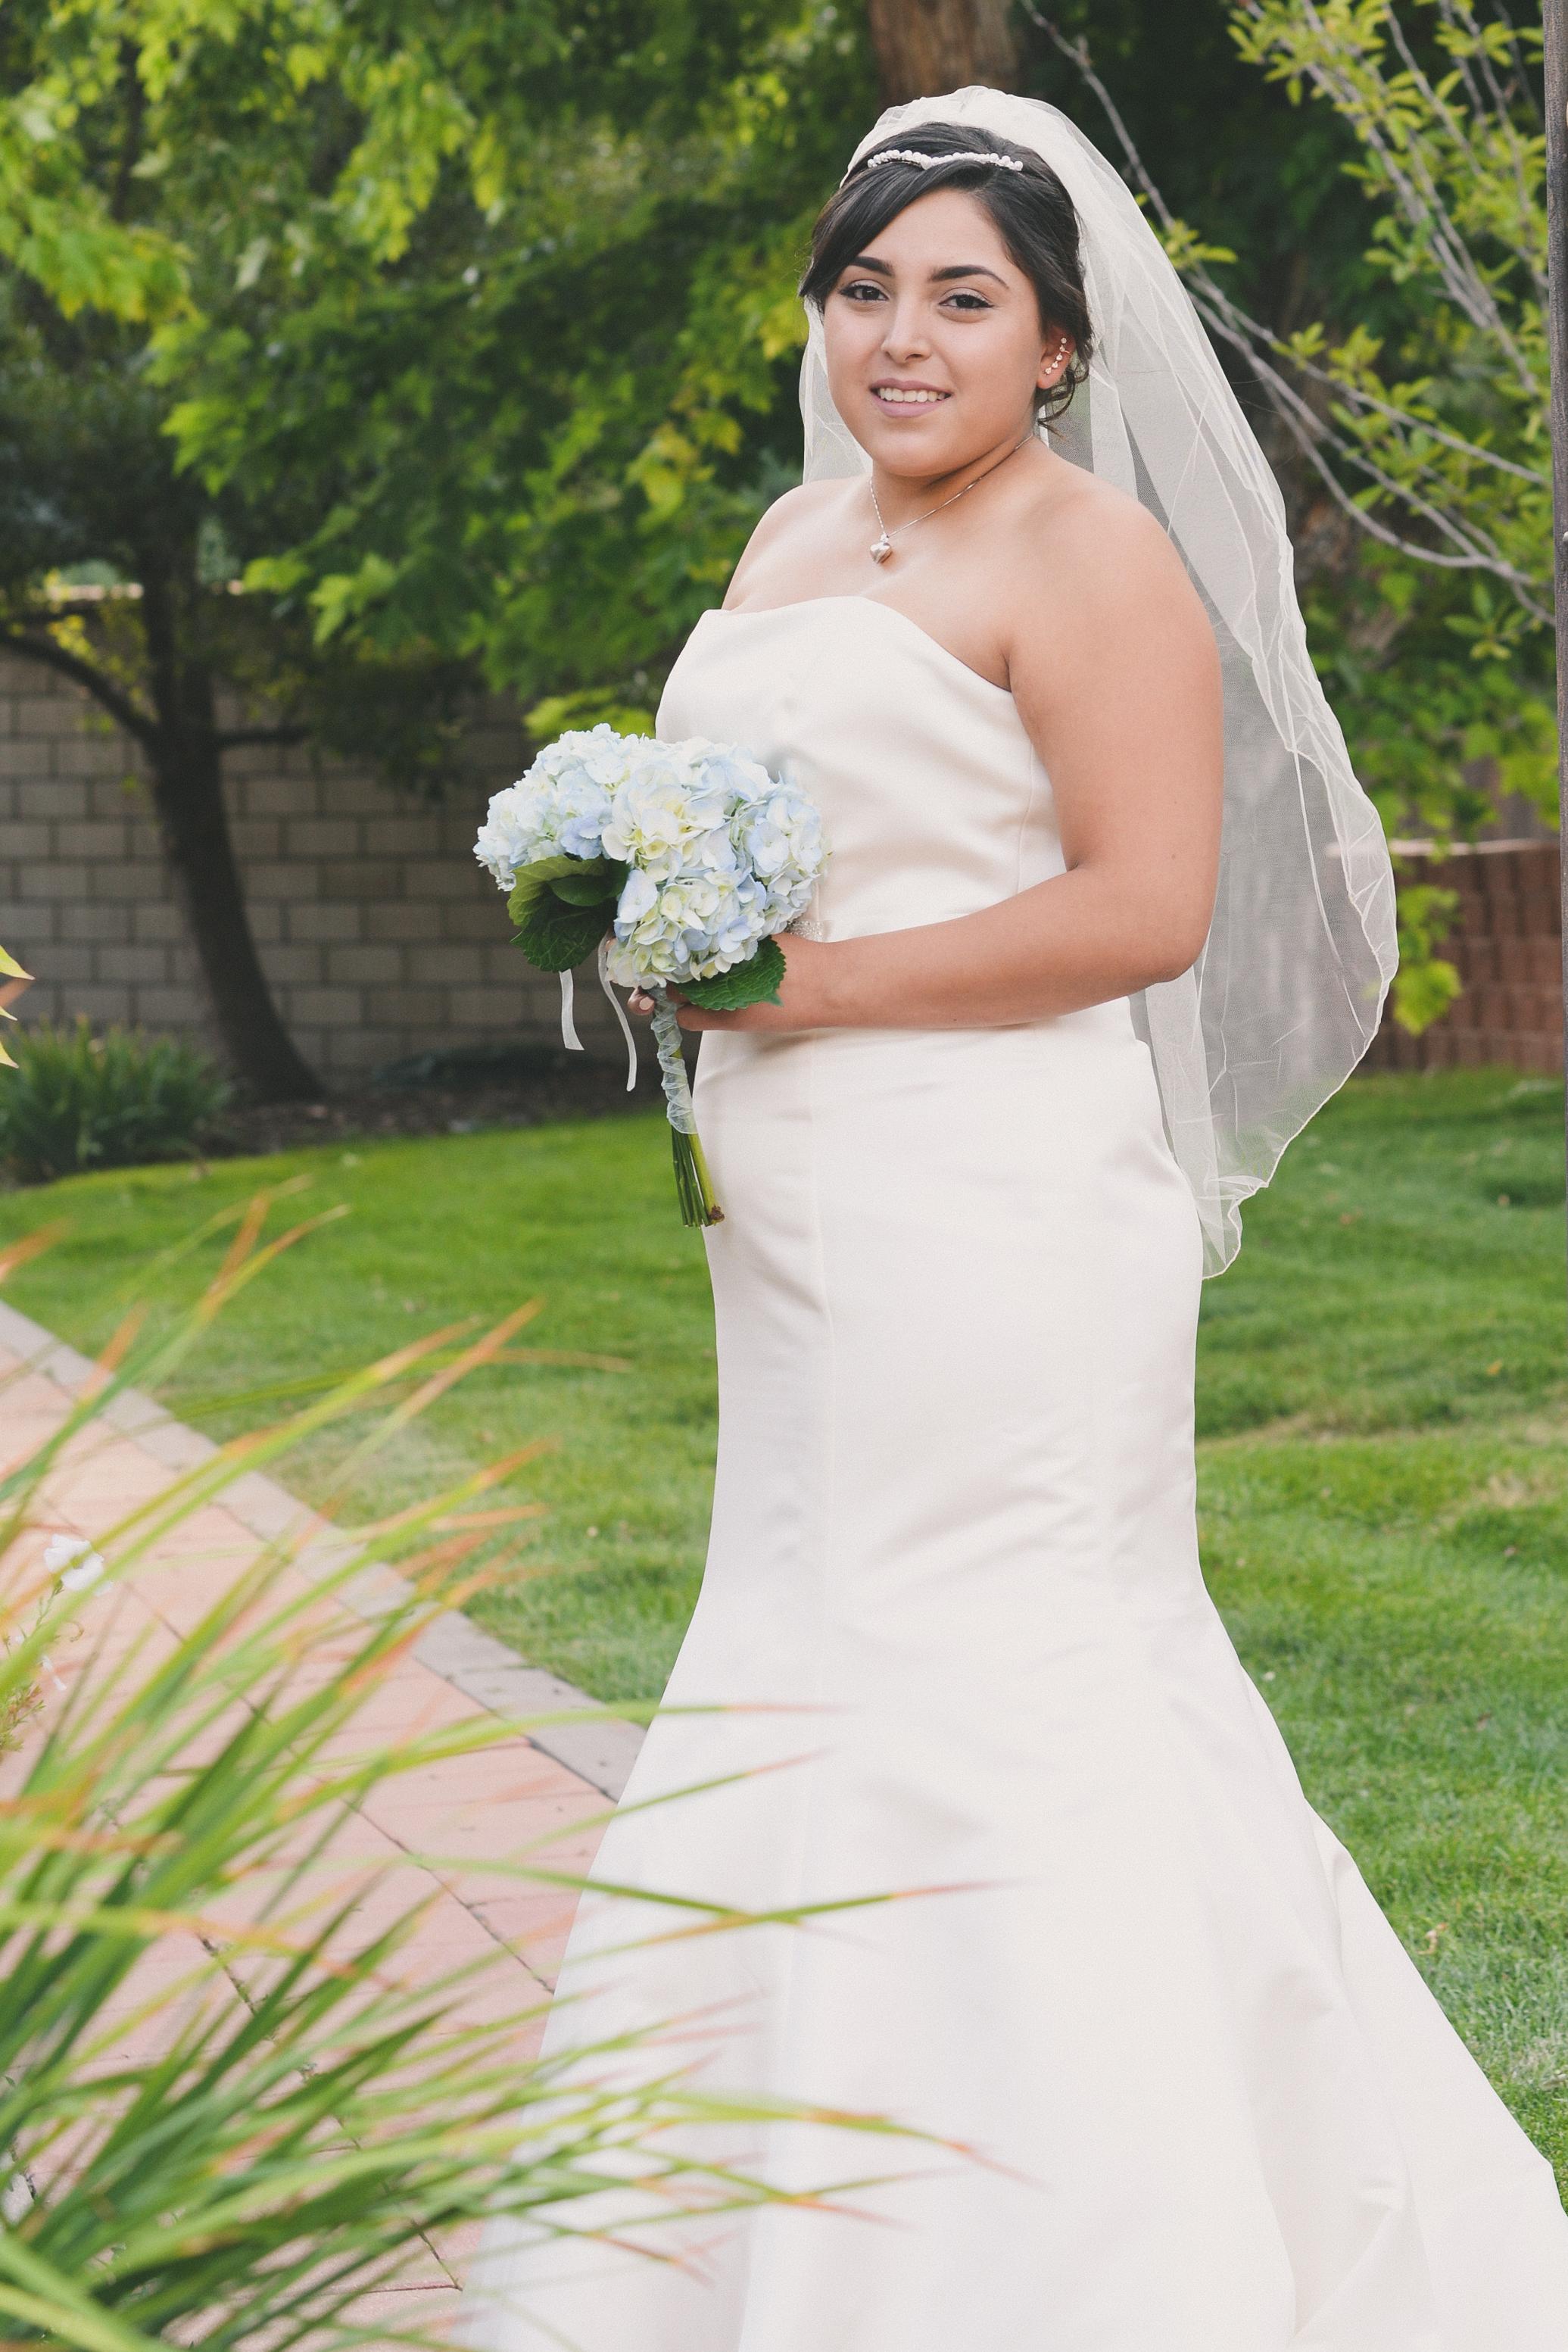 Lakewood wedding photography